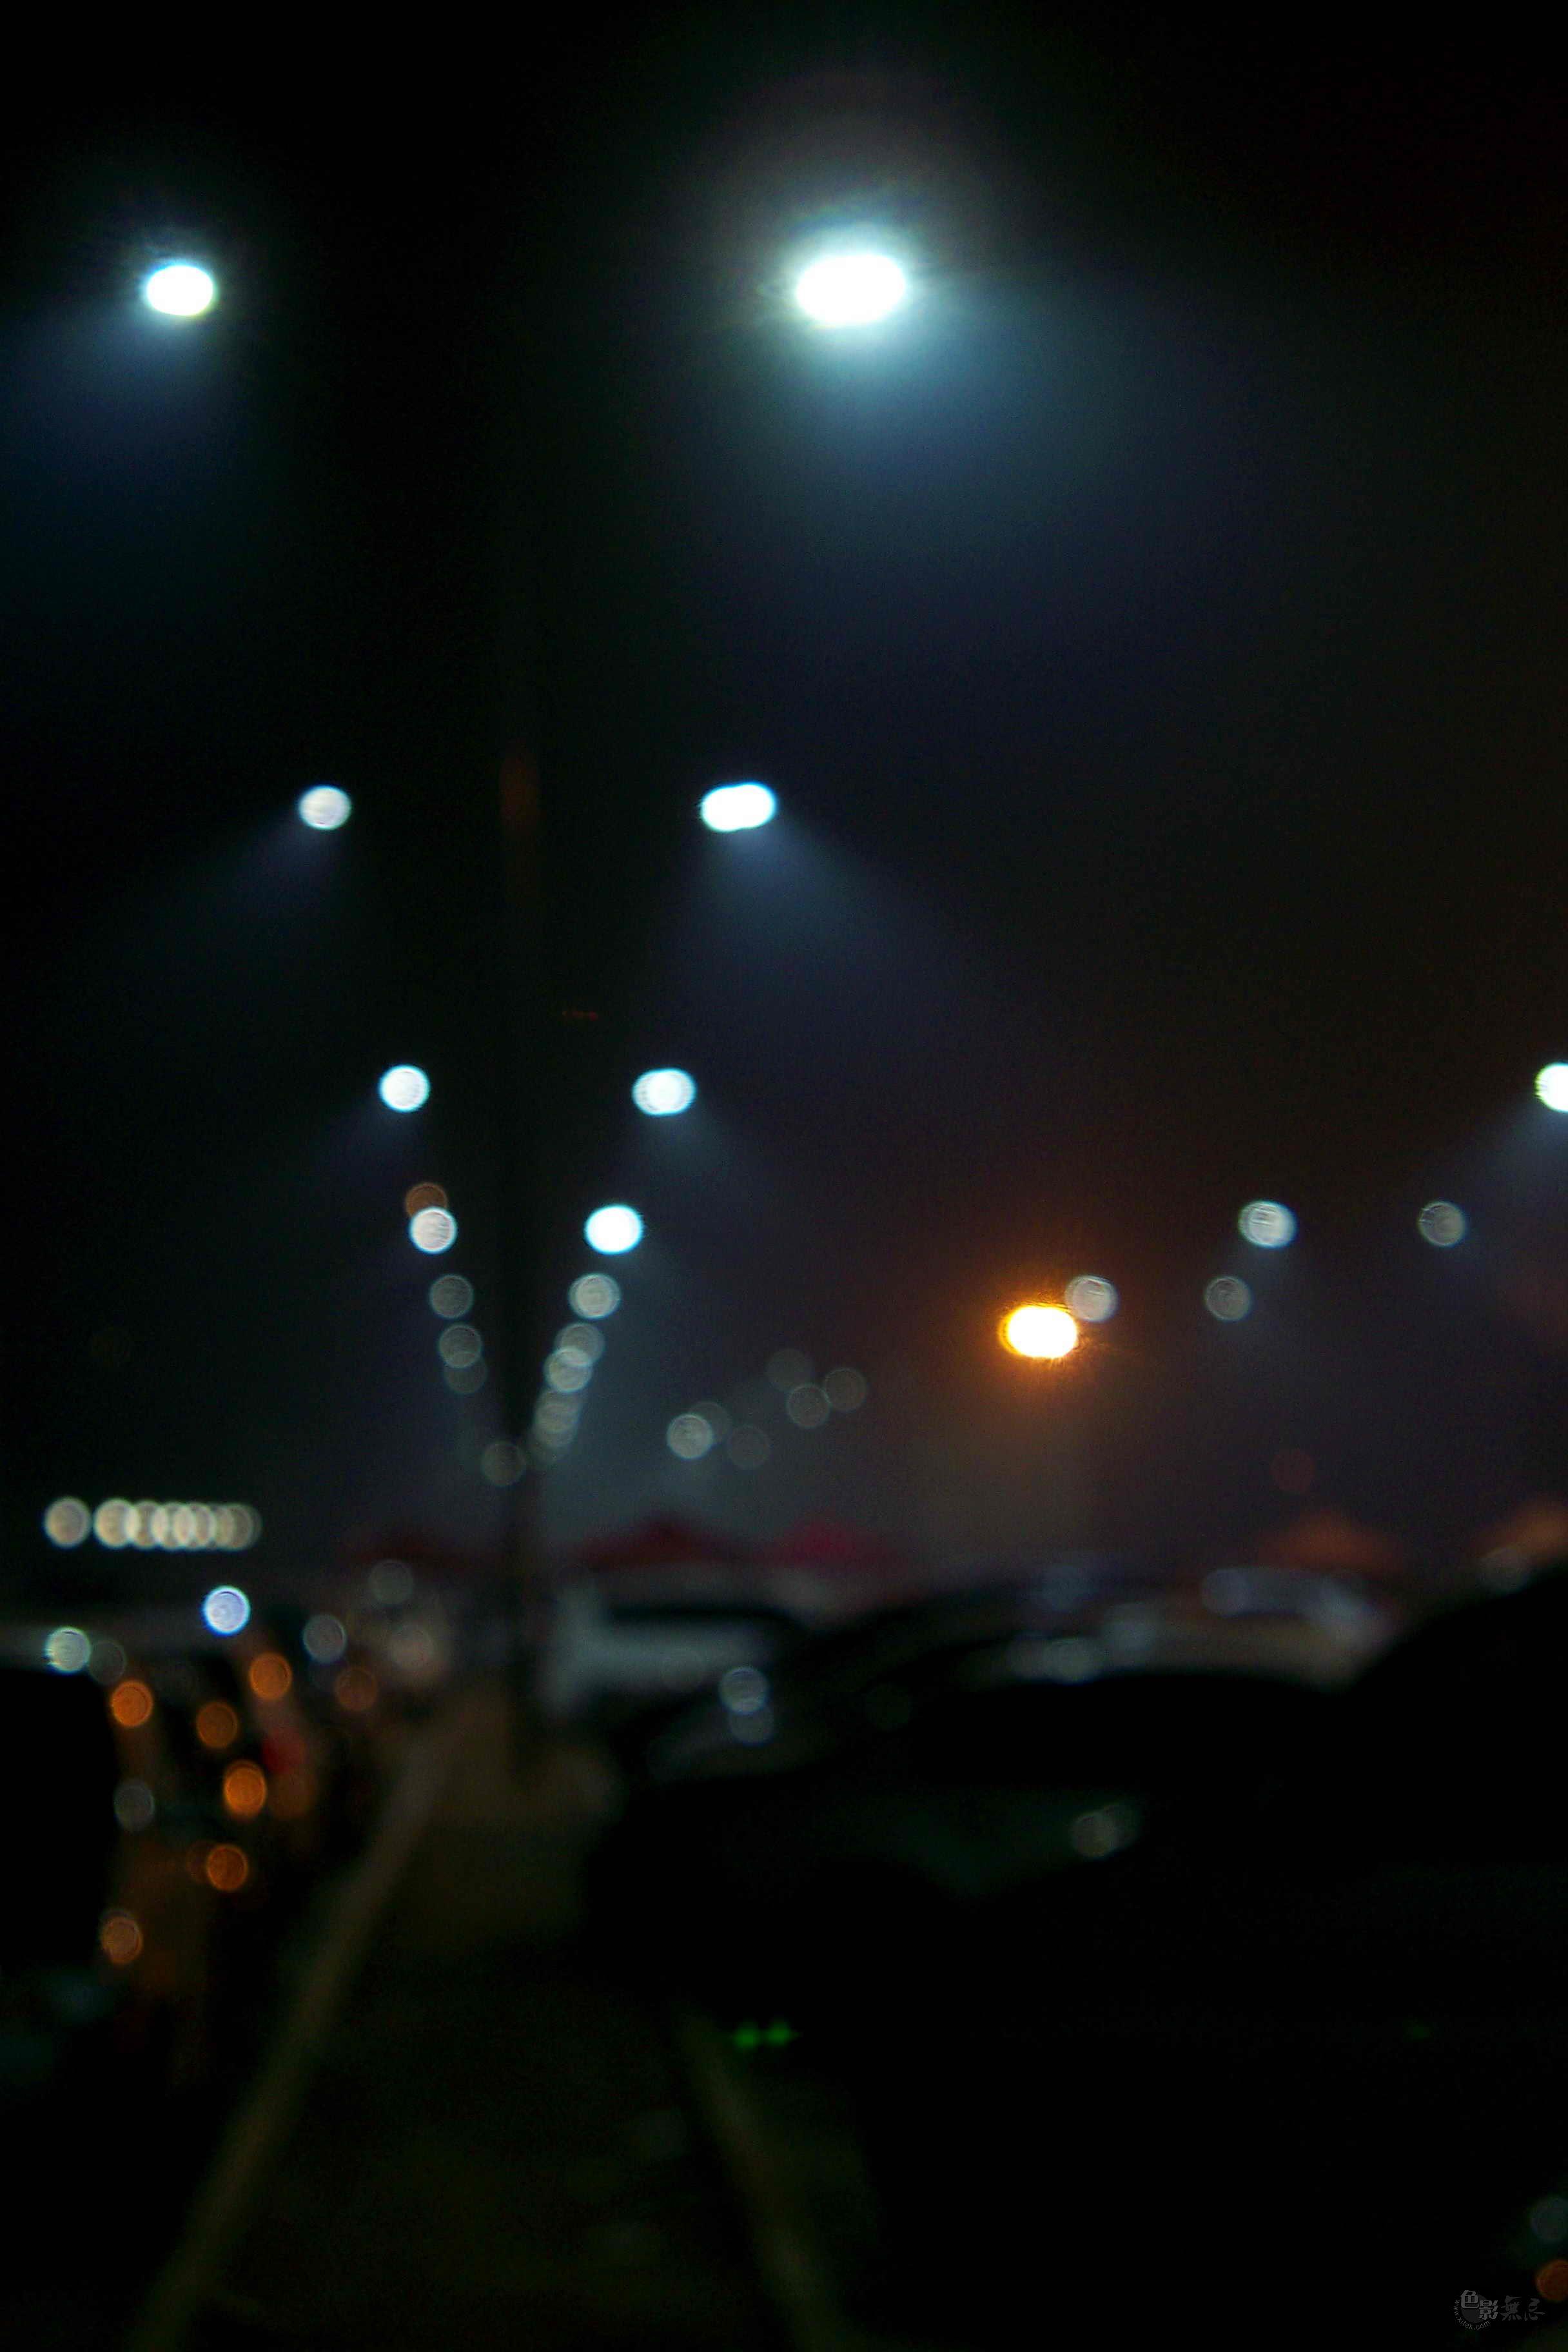 泾渭分明作品:pm2.5的光辉